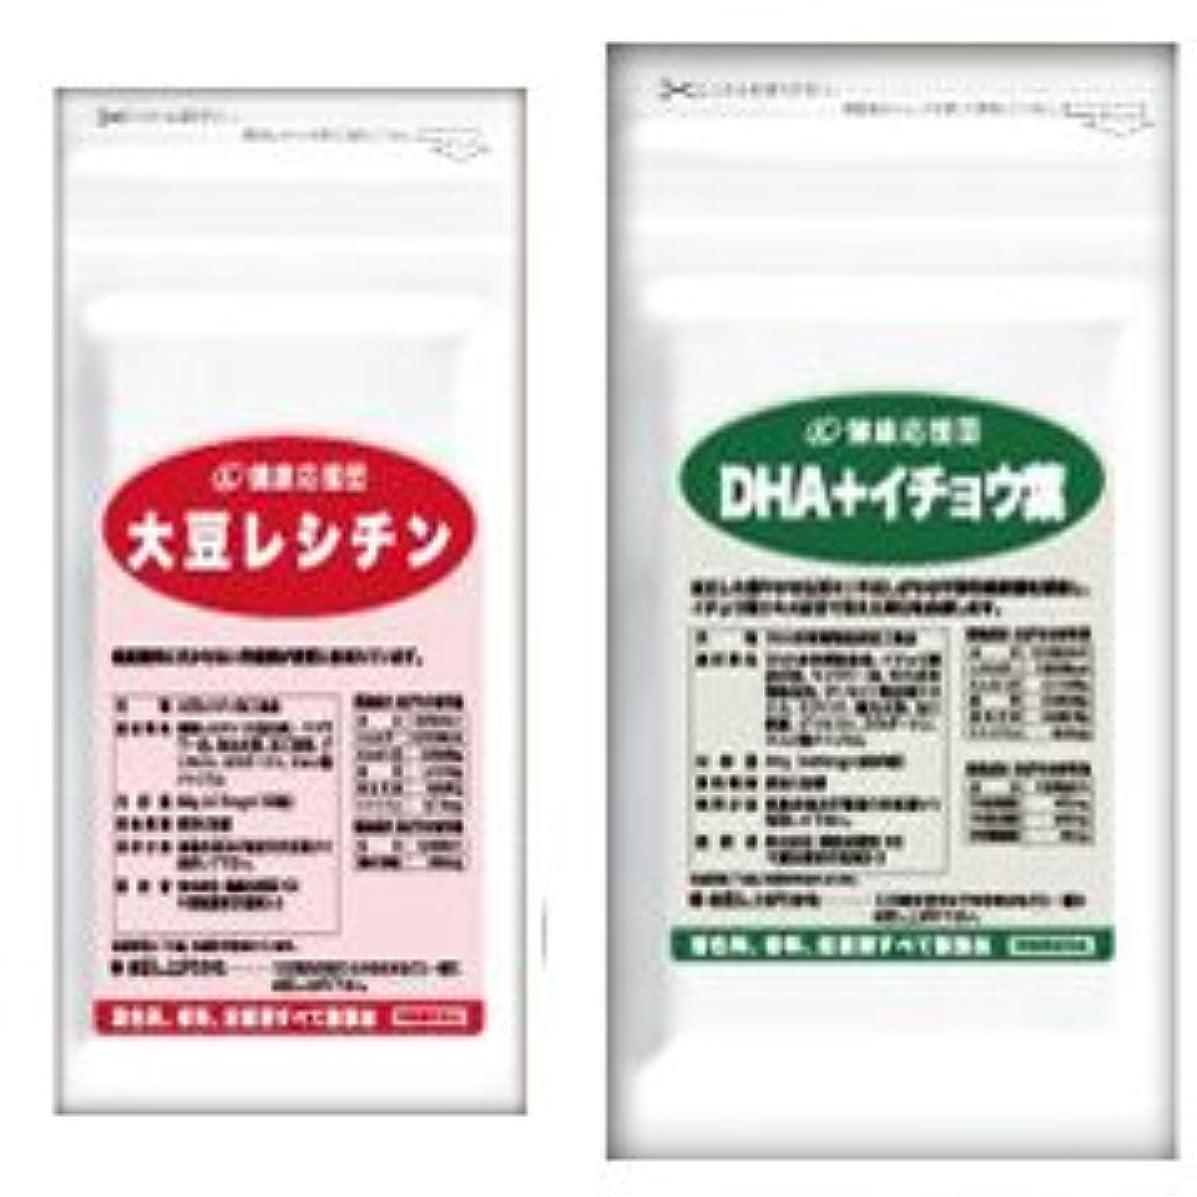 連想有害それぞれ(お徳用3か月分)流れサラサラセット 大豆レシチン+(DHA+イチョウ葉)3袋&3袋セット(DHA?EPA?イチョウ葉)